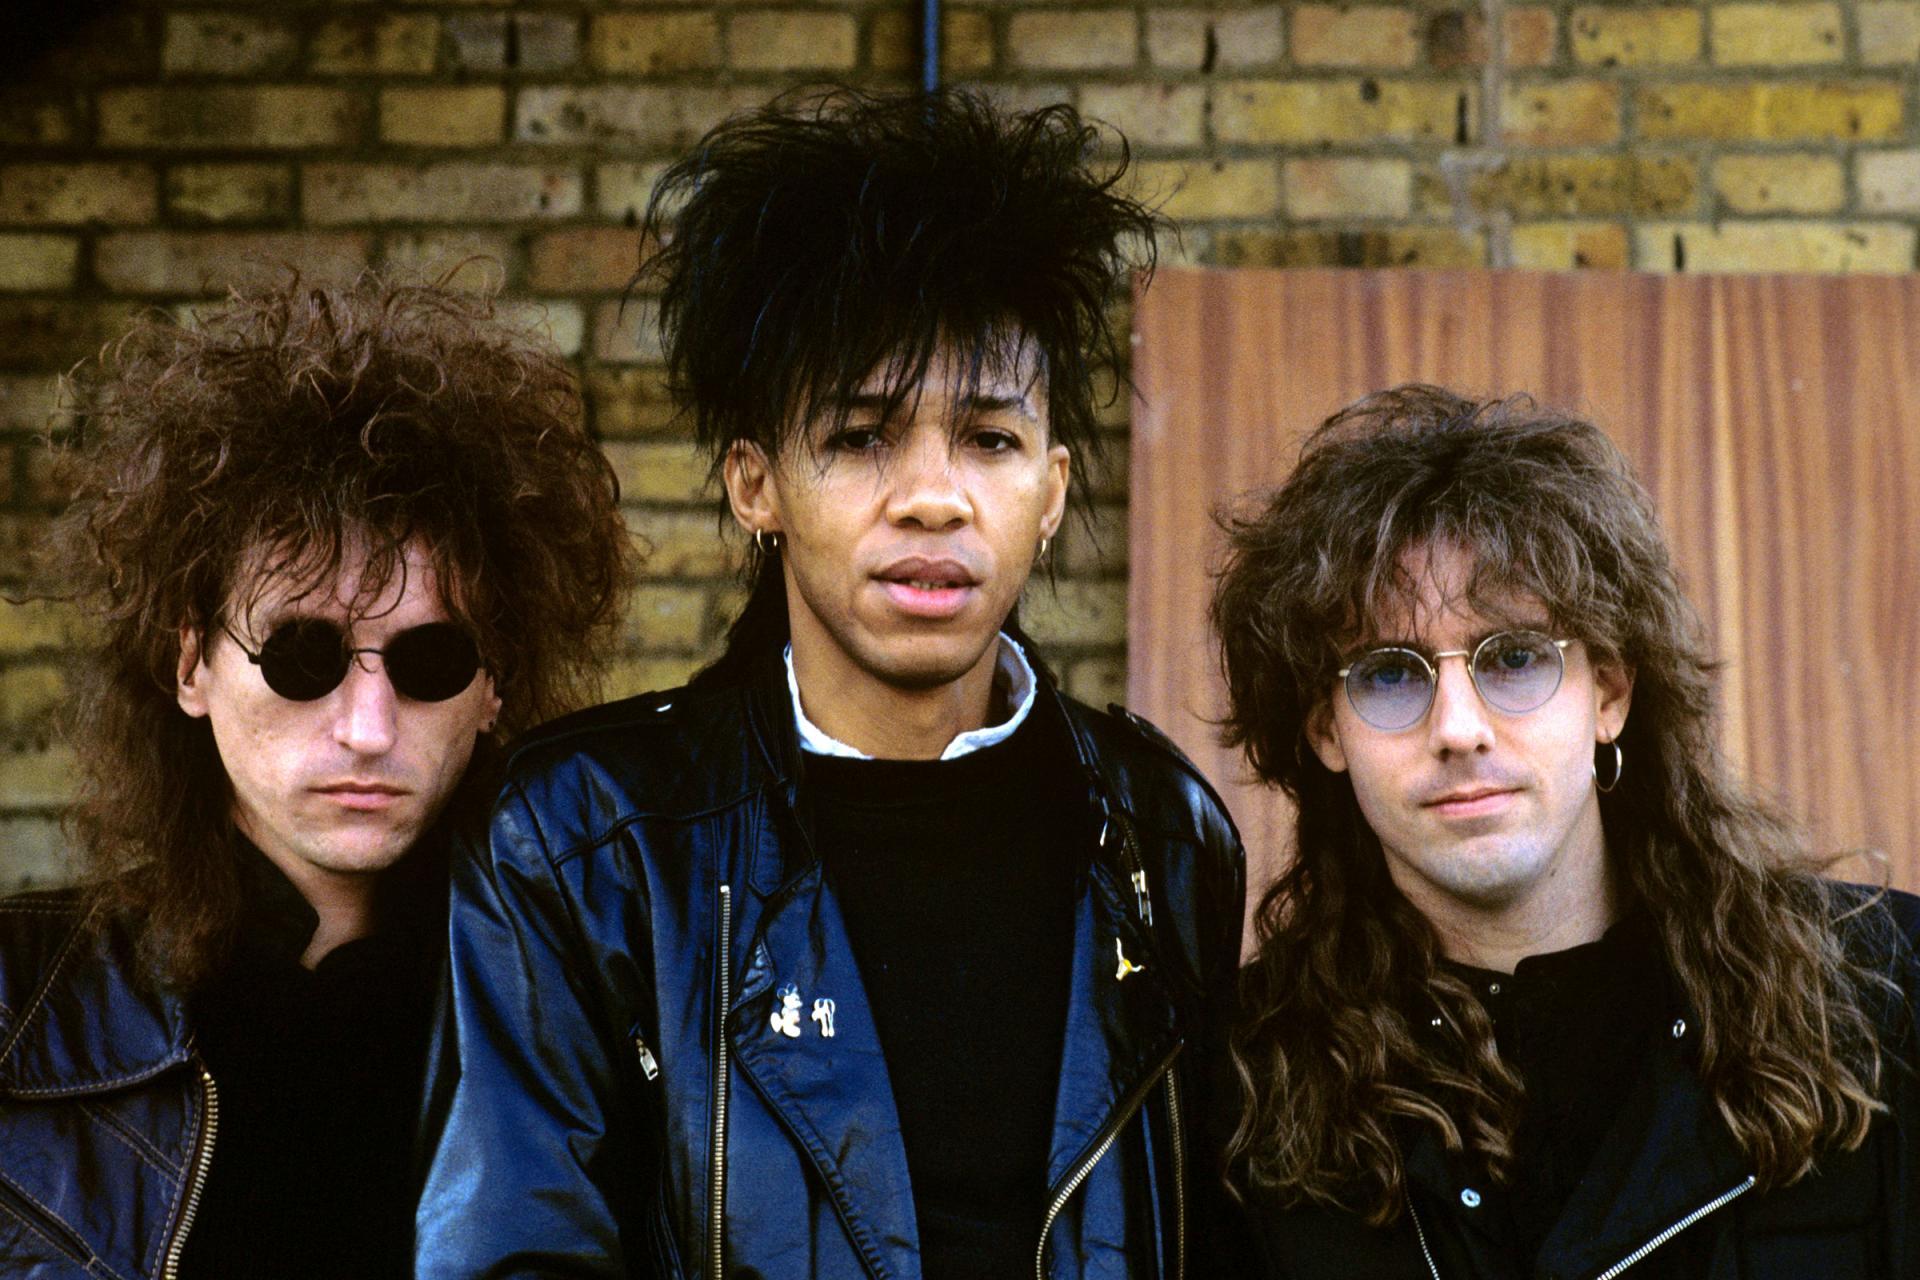 Kings x band